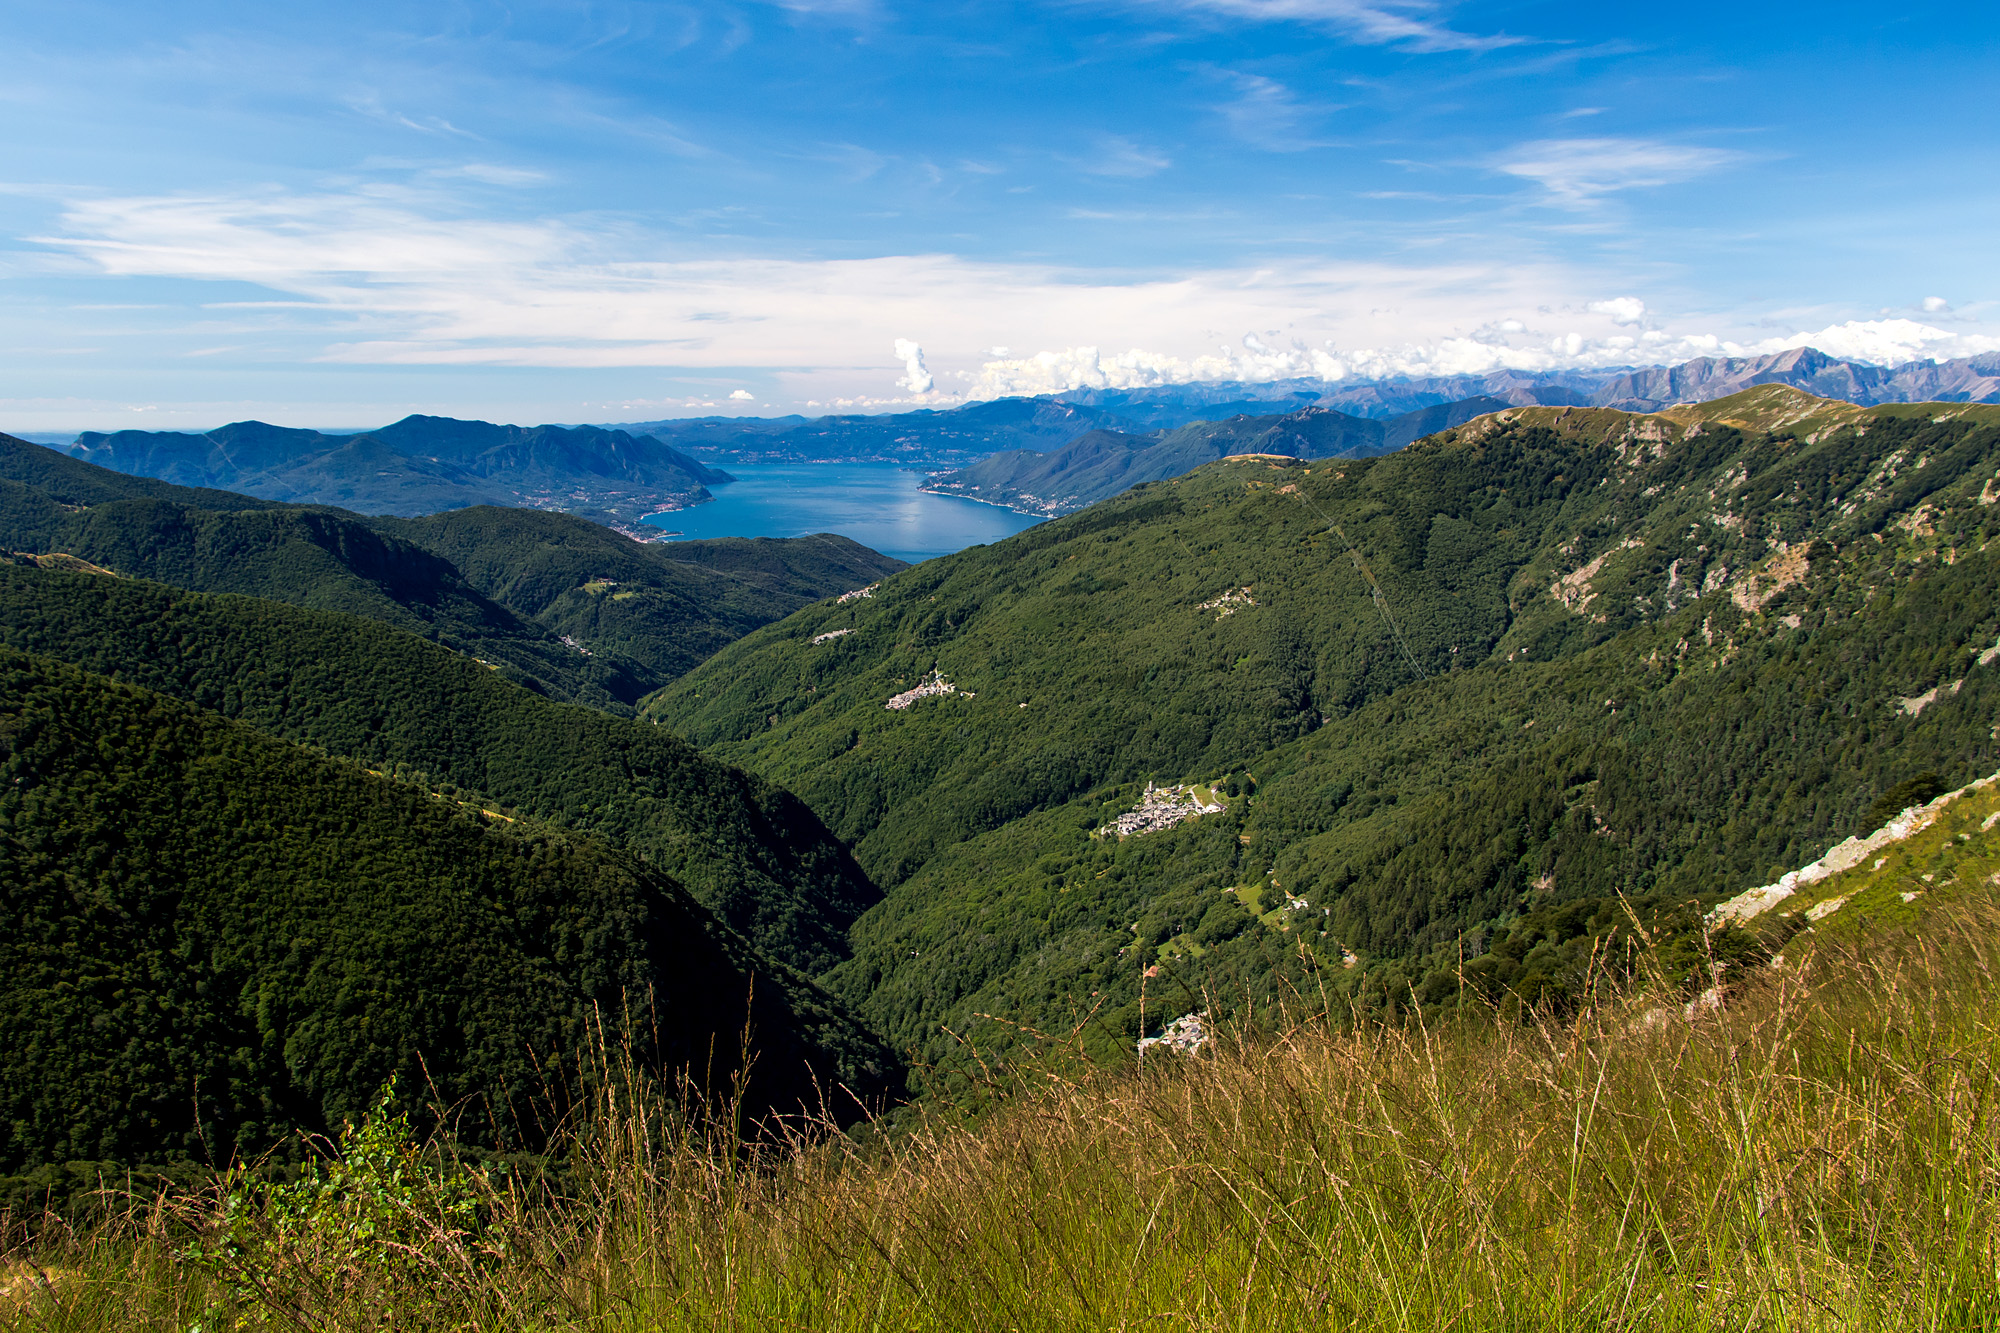 Auch in Richtung Italien und Indemini kann man sehen :-)